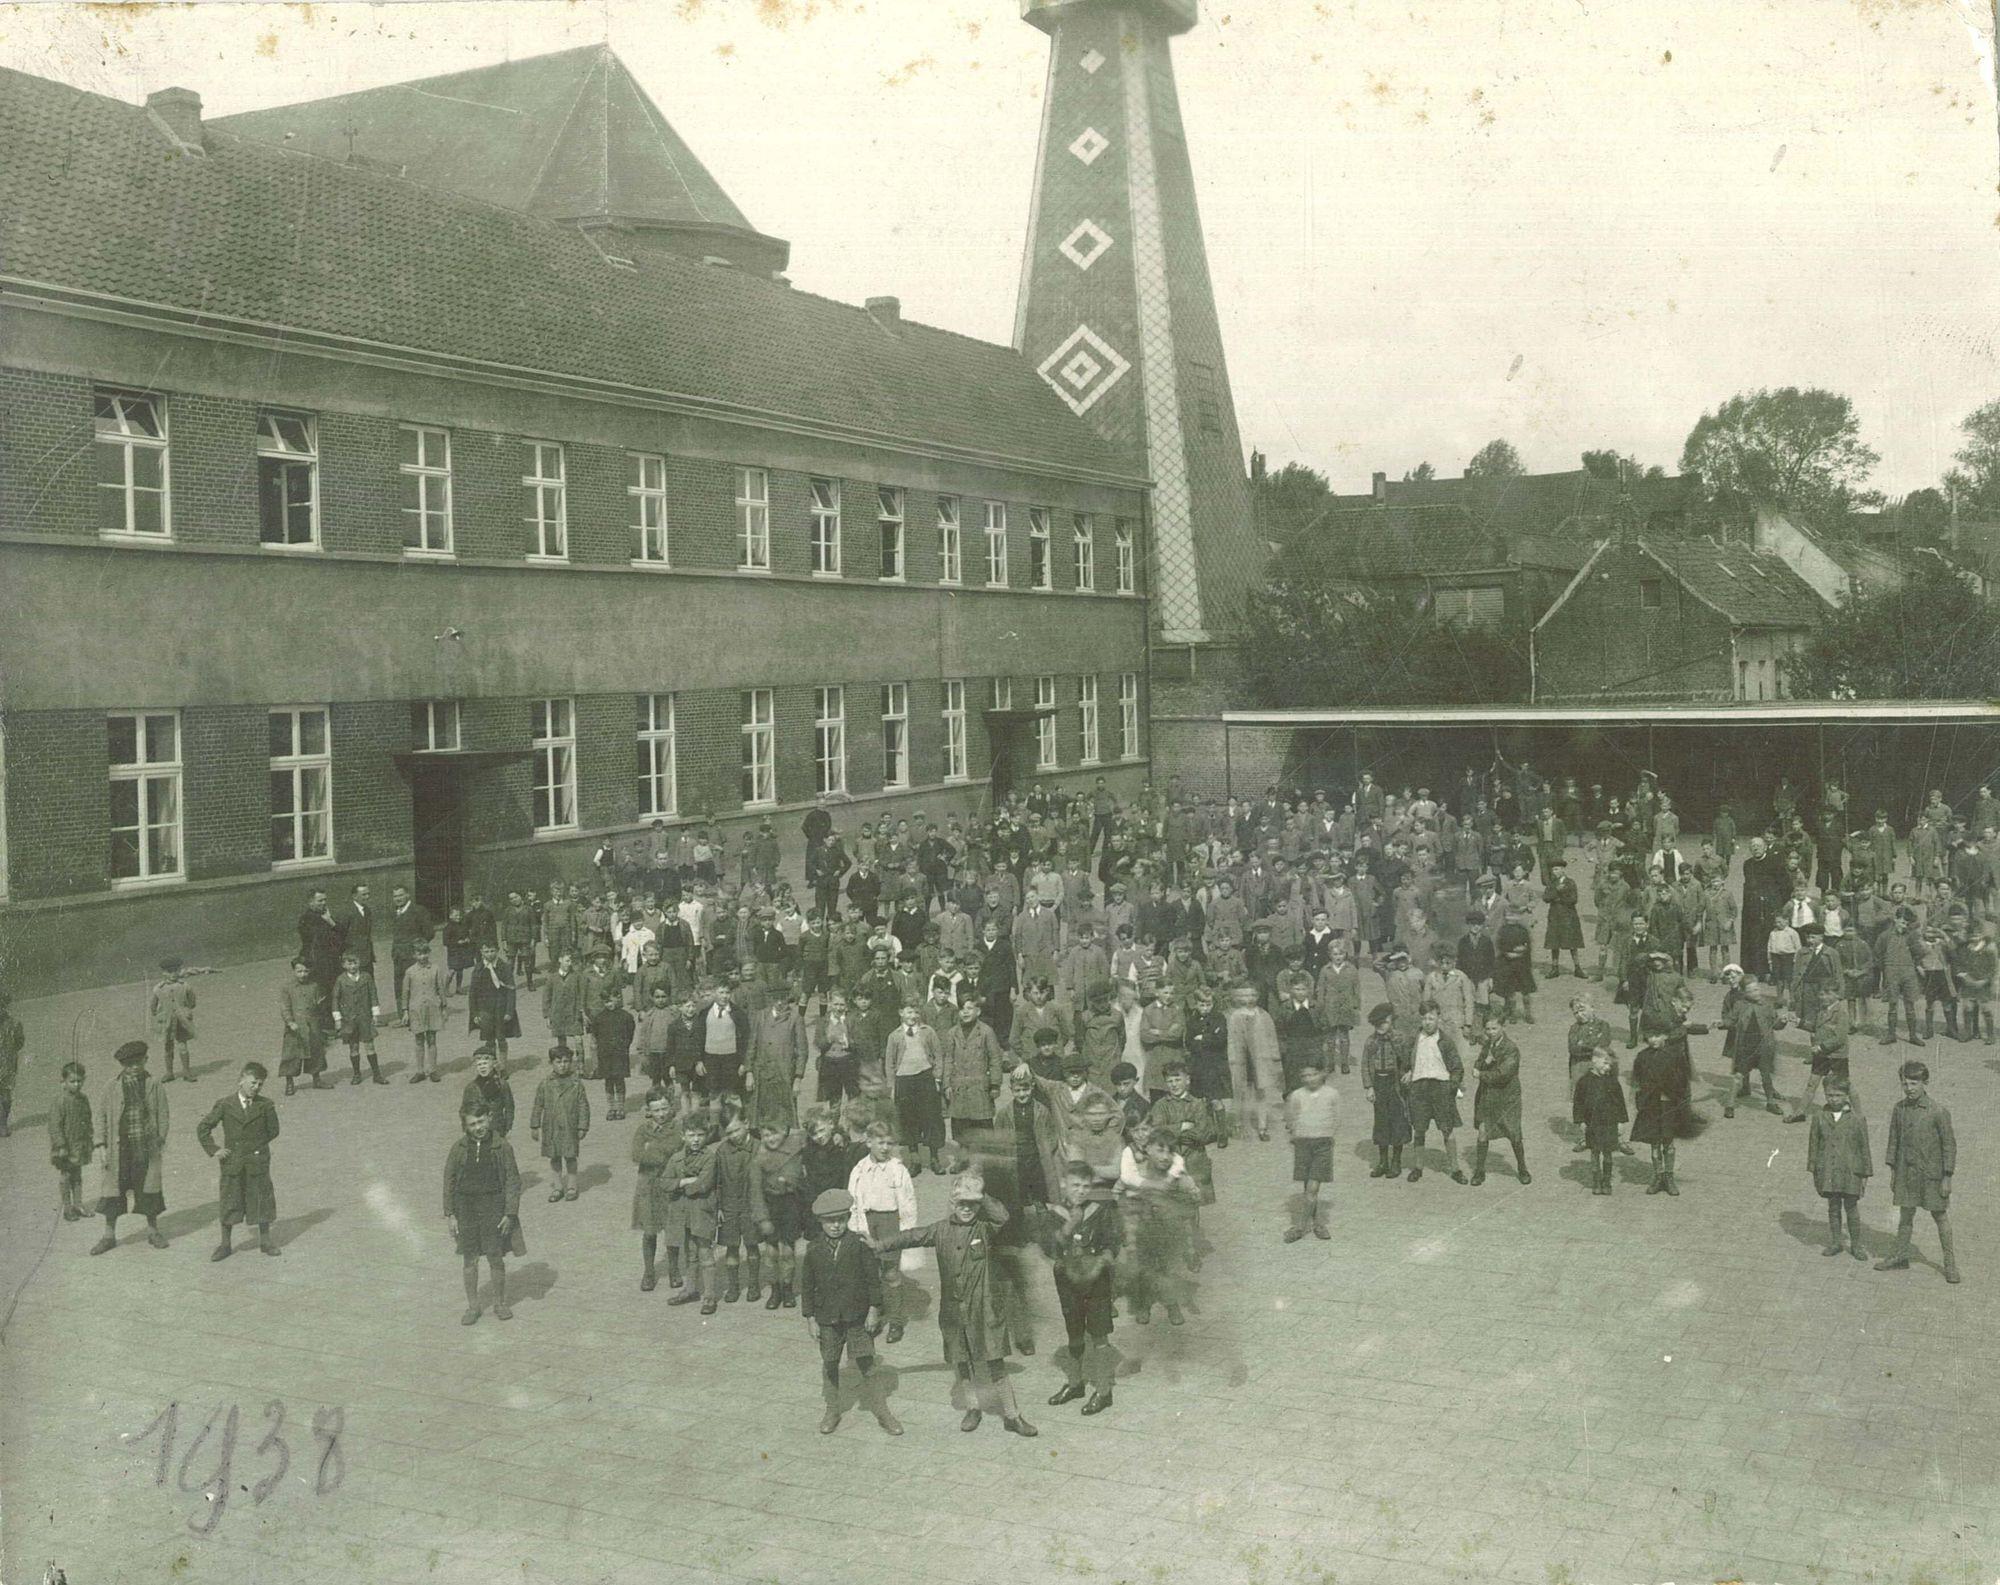 Groepsfoto op de speelplaats van de Broederschool Overleie